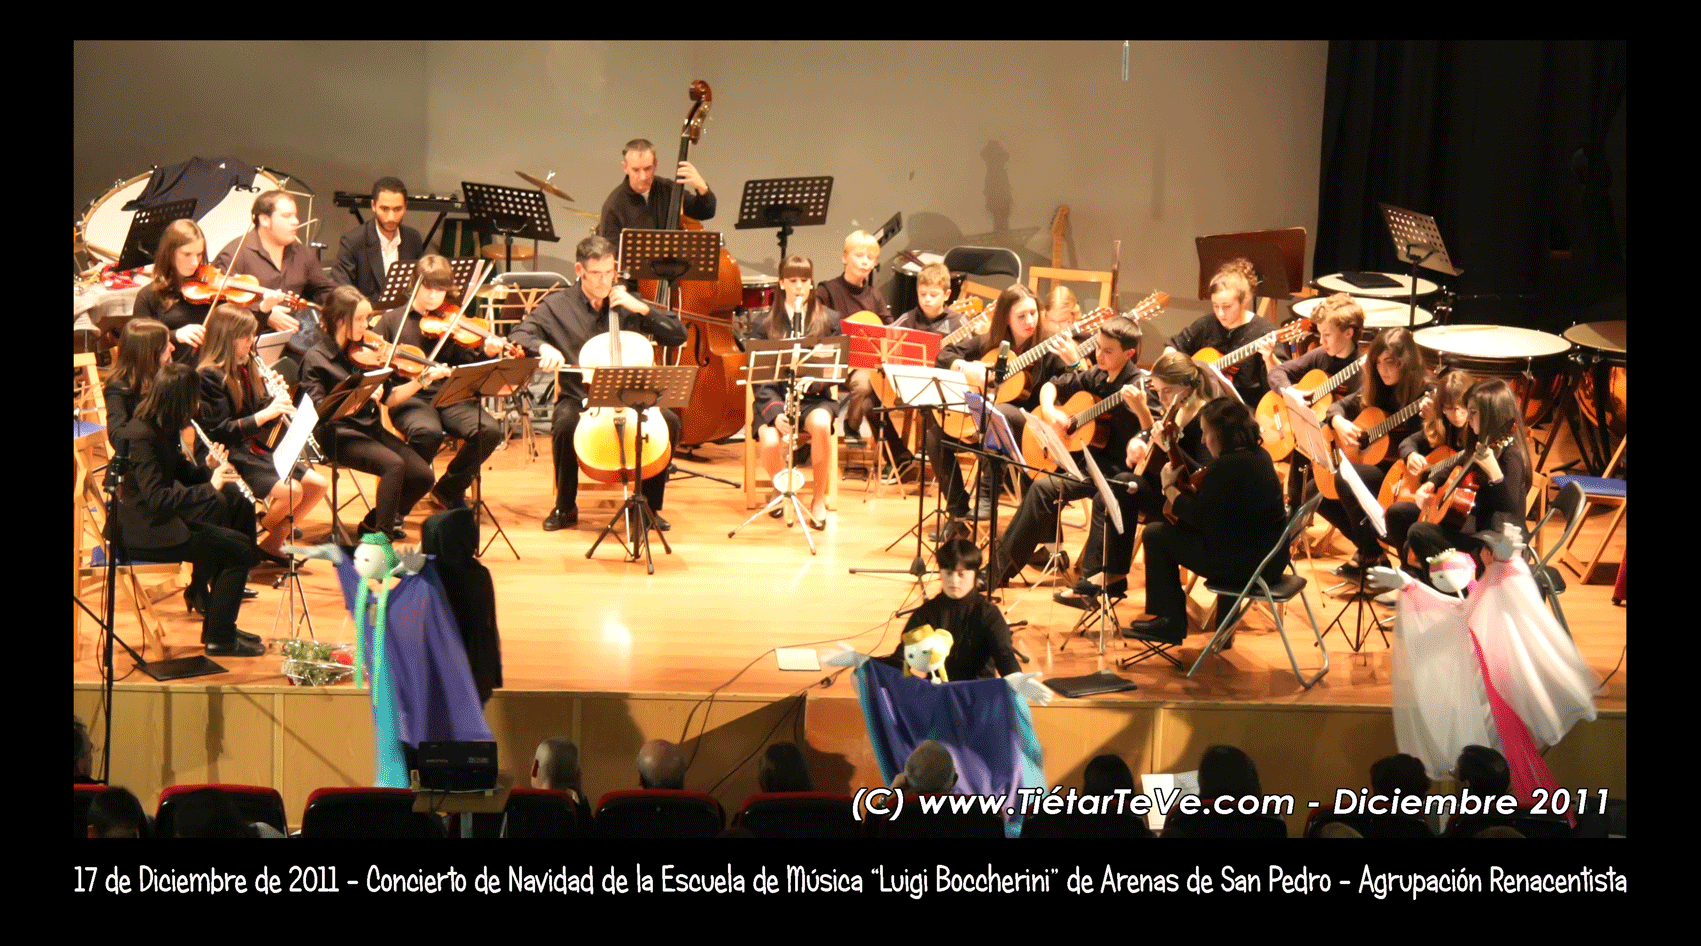 Agrupación Renacentista de la Escuela Municipal de Música de Arenas de San Pedro